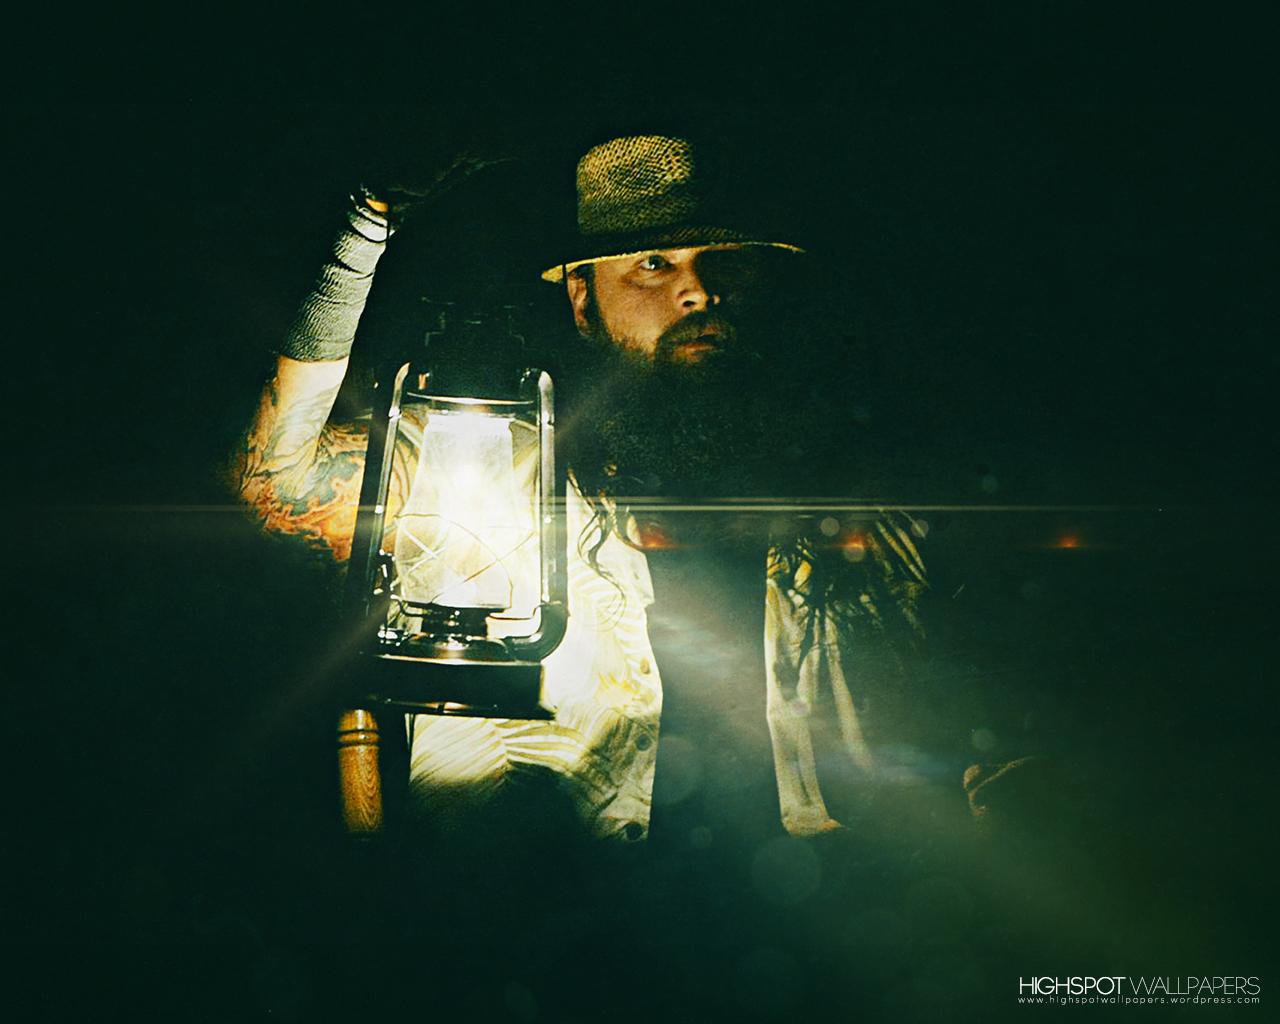 Batista Hd Wallpapers 2014 Bray Wyatt Vibrant Series Wallpaper Highspot Wrestling